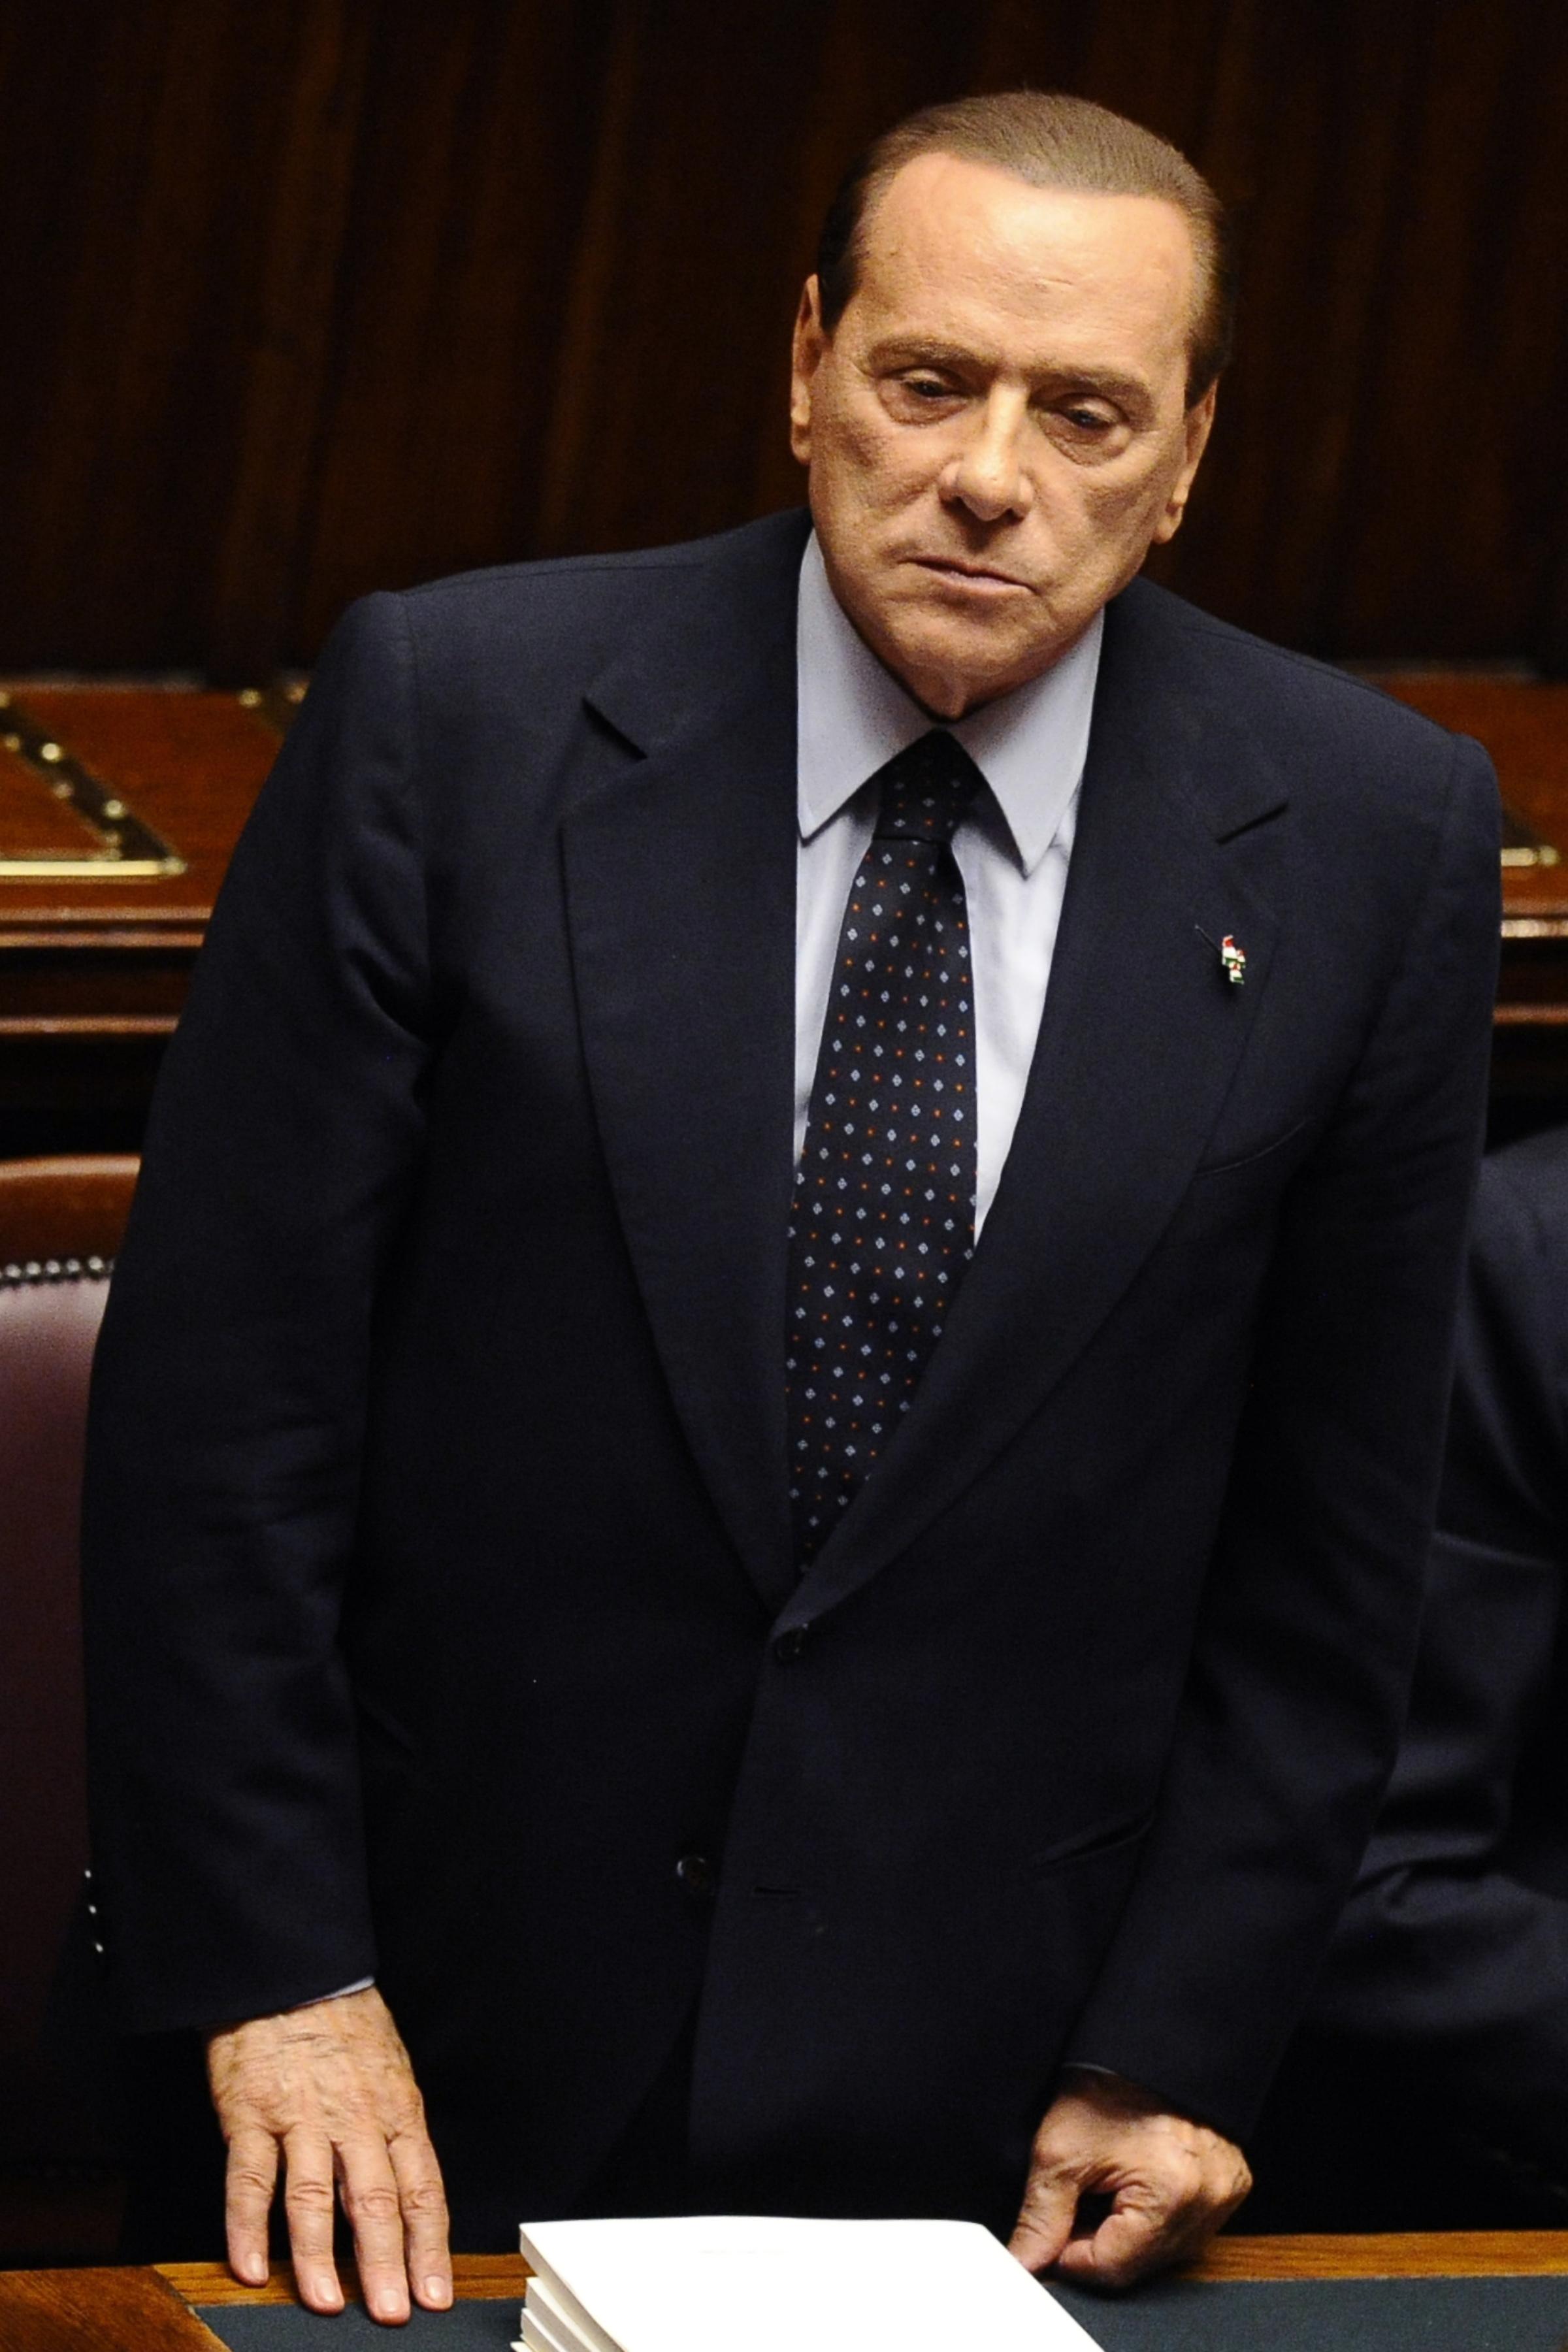 Прем'єр-міністр Італії Сильвіо Берлусконі реагує на засіданні в парламенті щодо прийняття низки ключових економічних реформ. 12 листопада 2011, Рим. У той же день він пішов у відставку. Фото: Filippo Monteforte/Getty Images